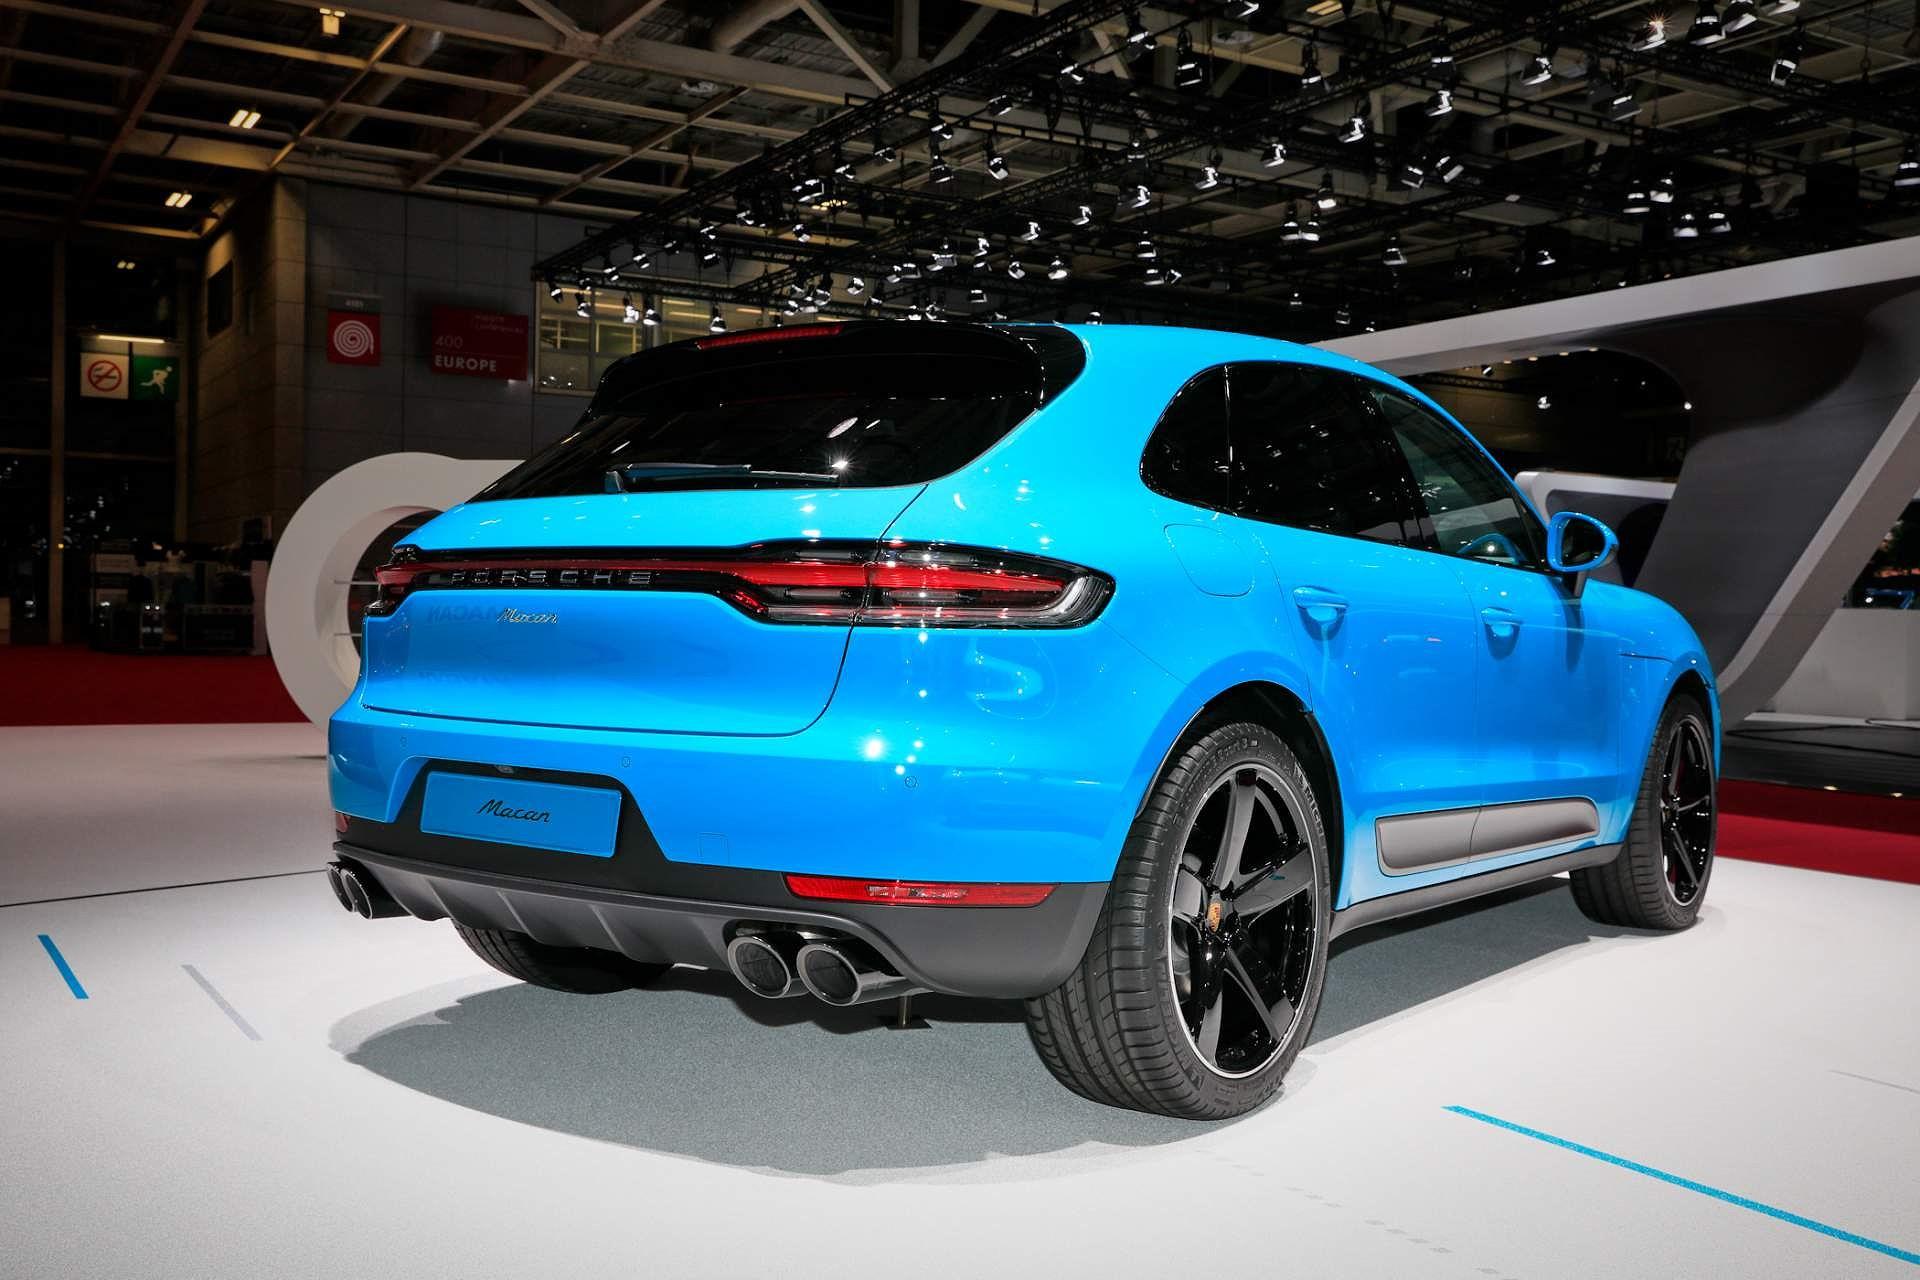 Porsche Macan ra mắt châu Âu với động cơ 242 mã lực Ảnh 4